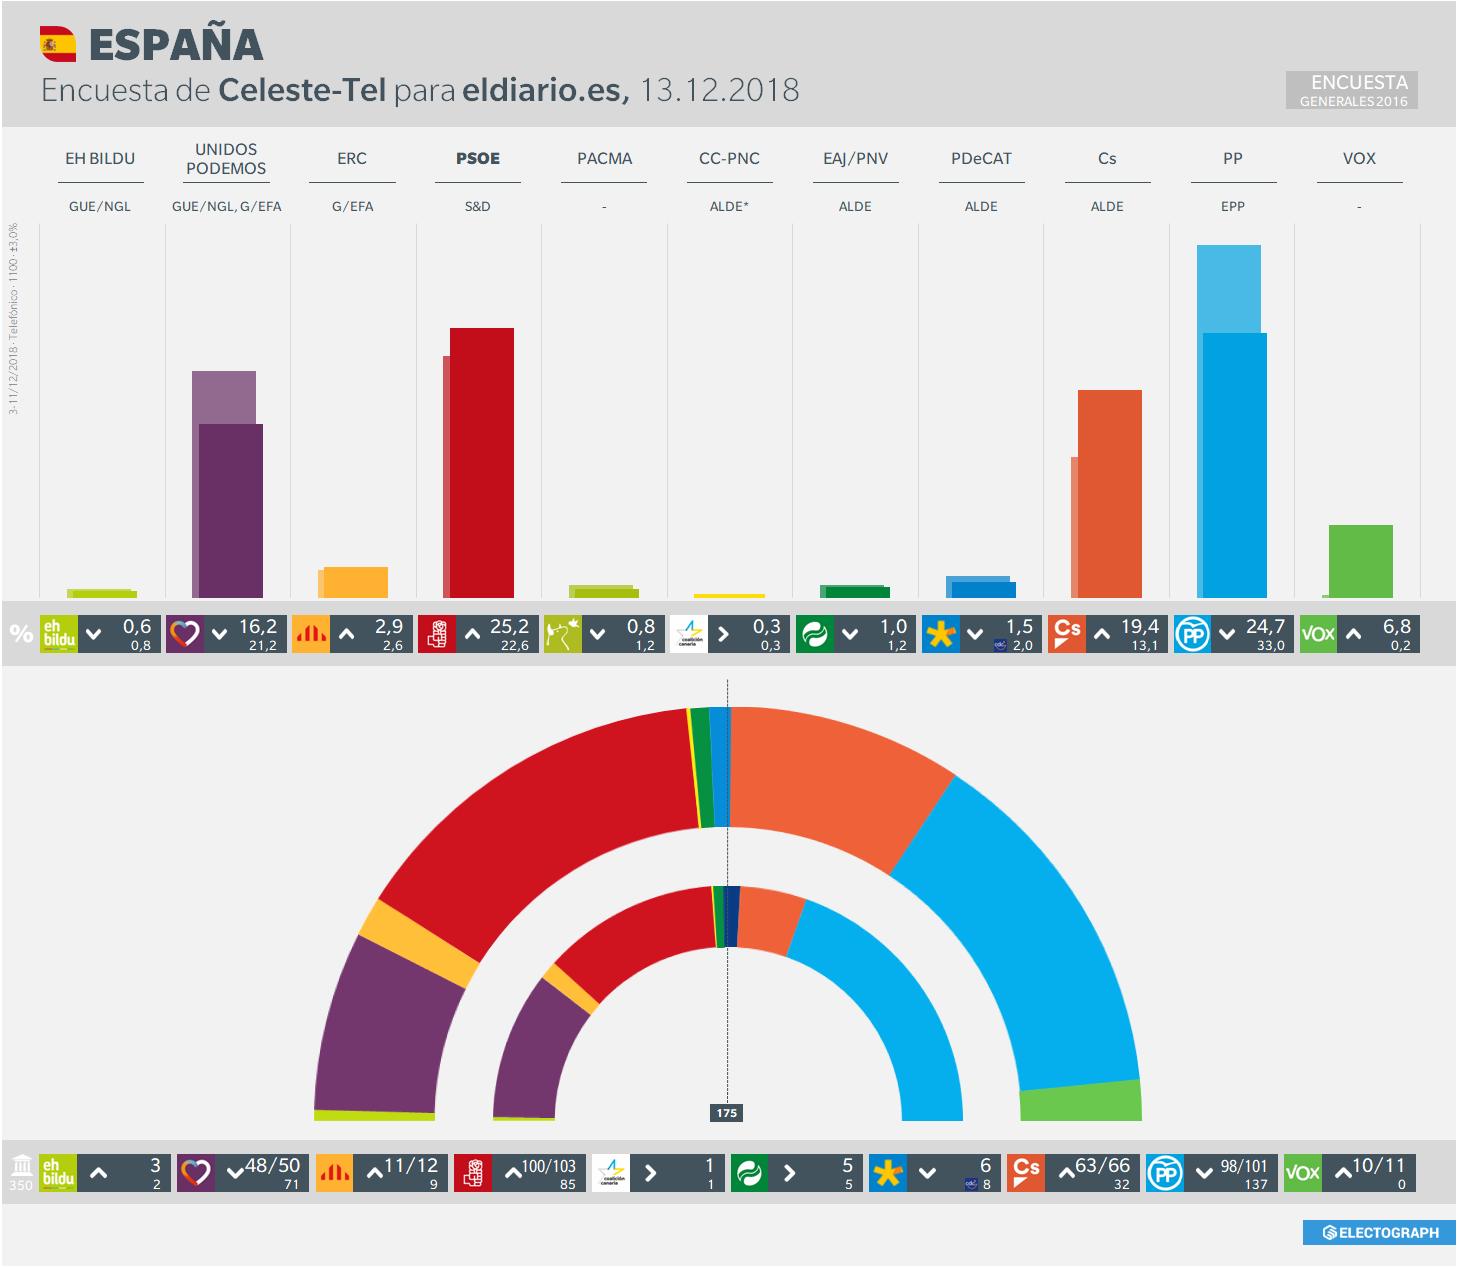 Gráfico de la encuesta para elecciones generales en España realizada por Celeste-Tel para eldiario.es en diciembre de 2018